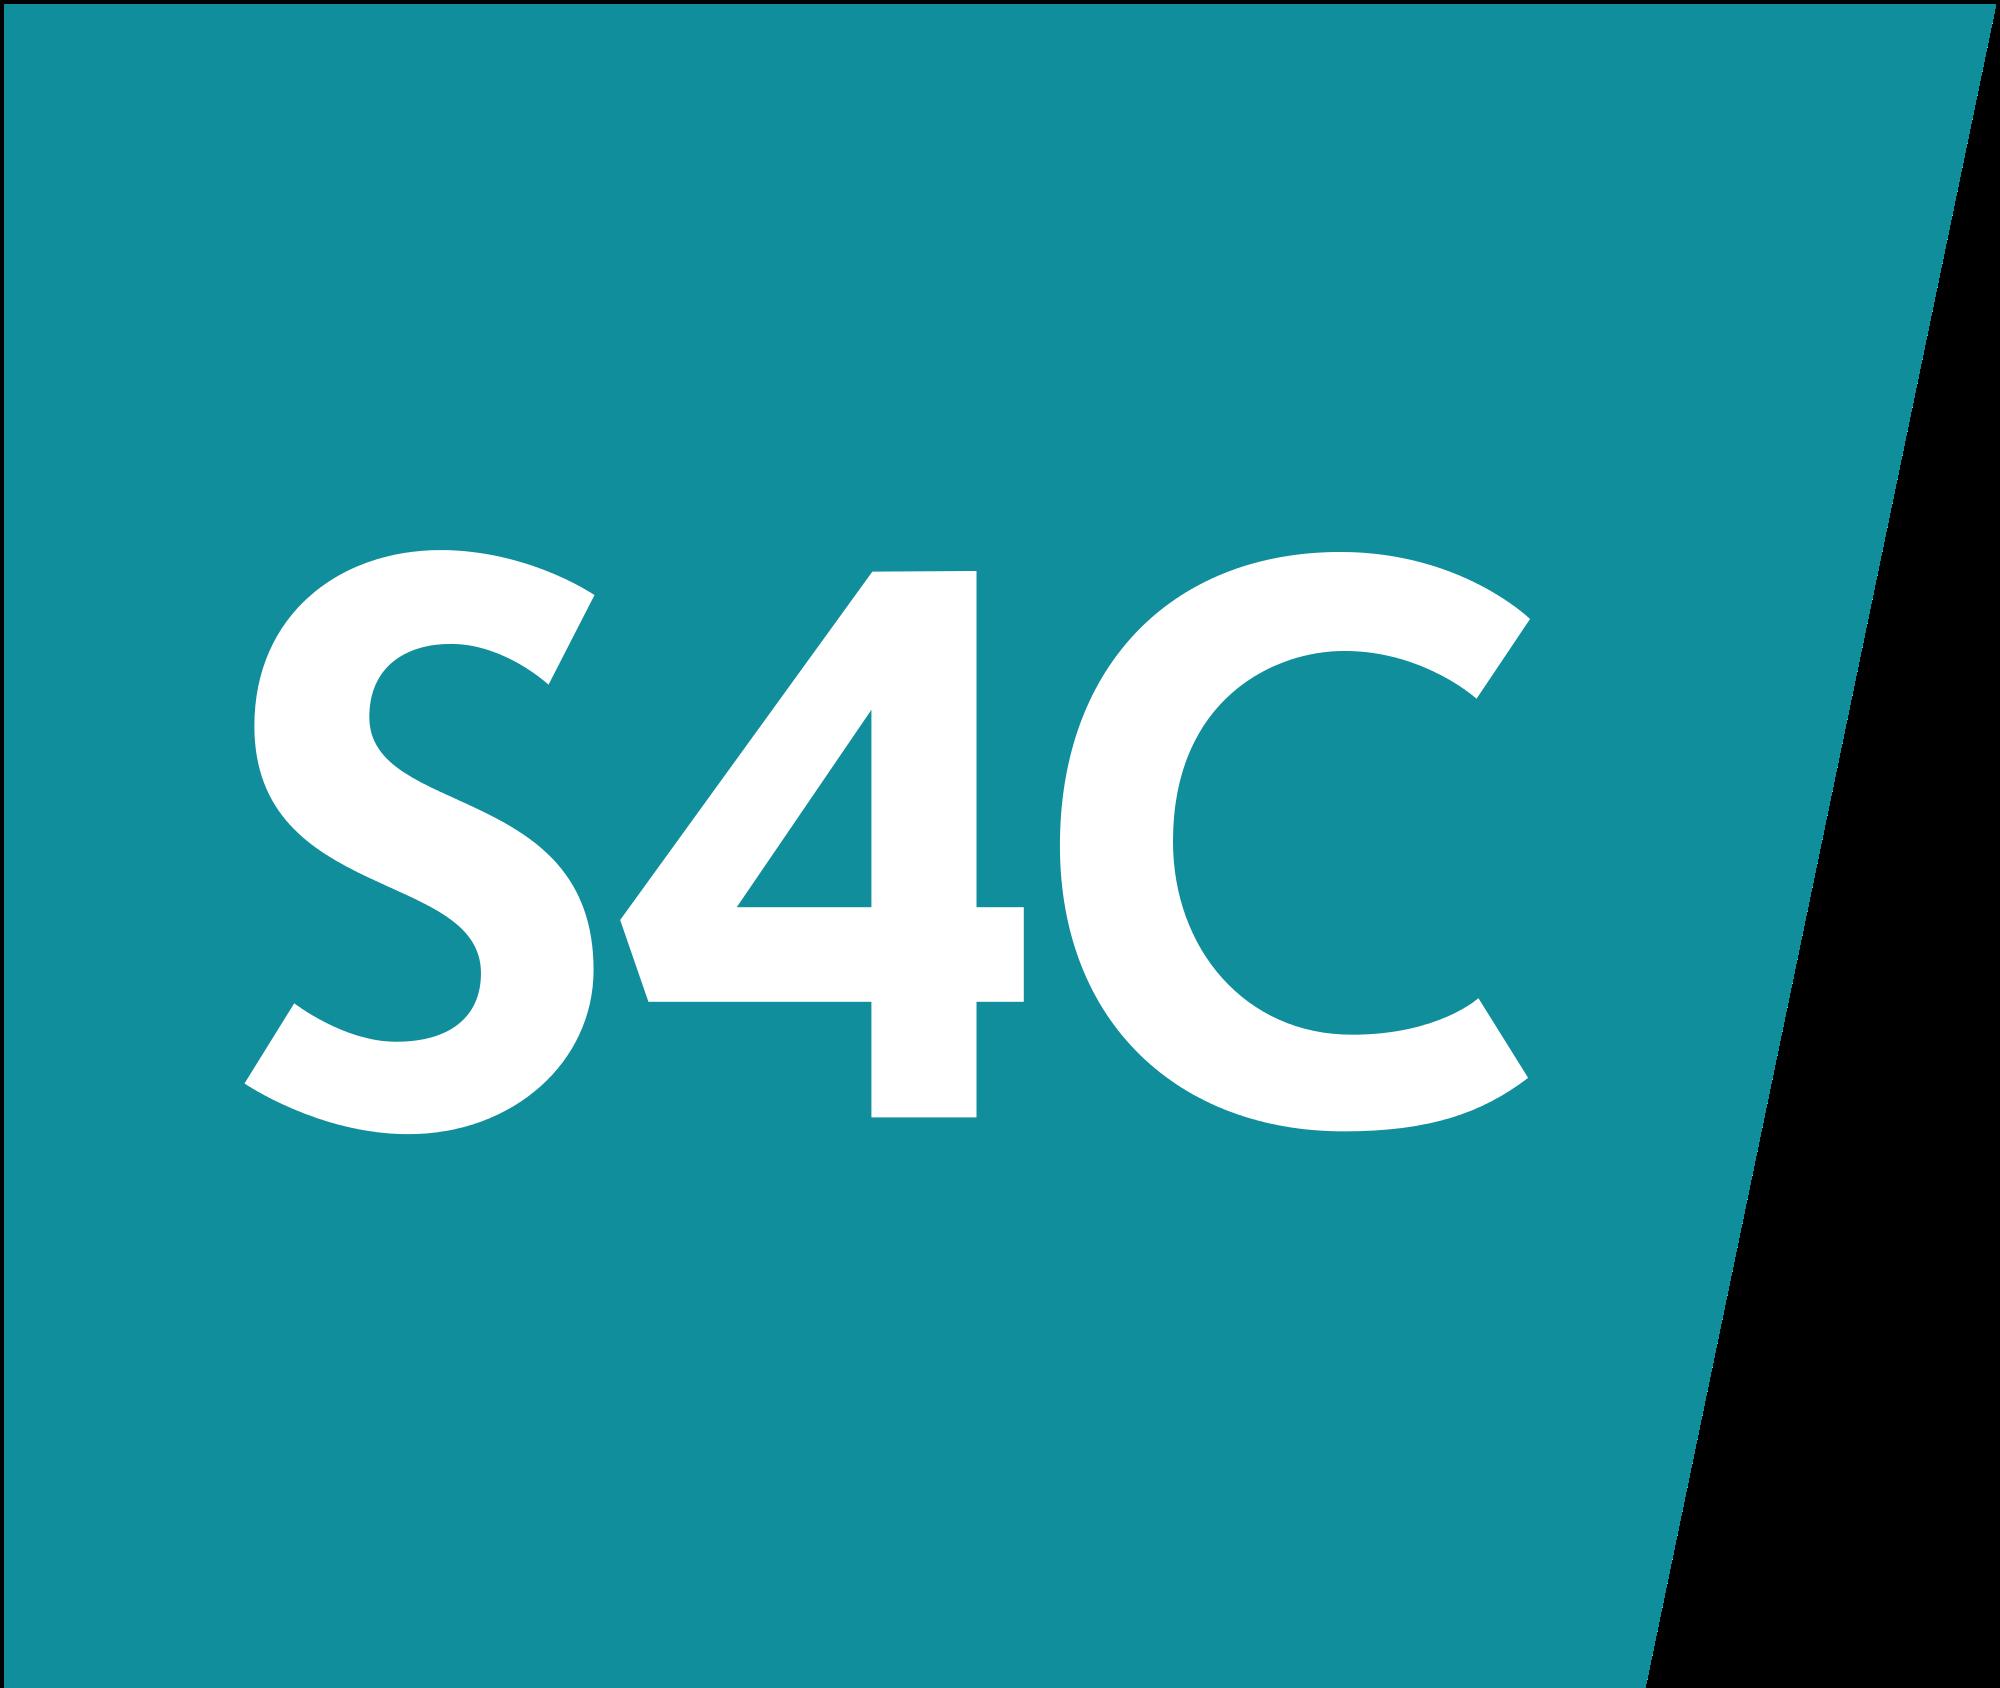 S4C_logo_2014.png